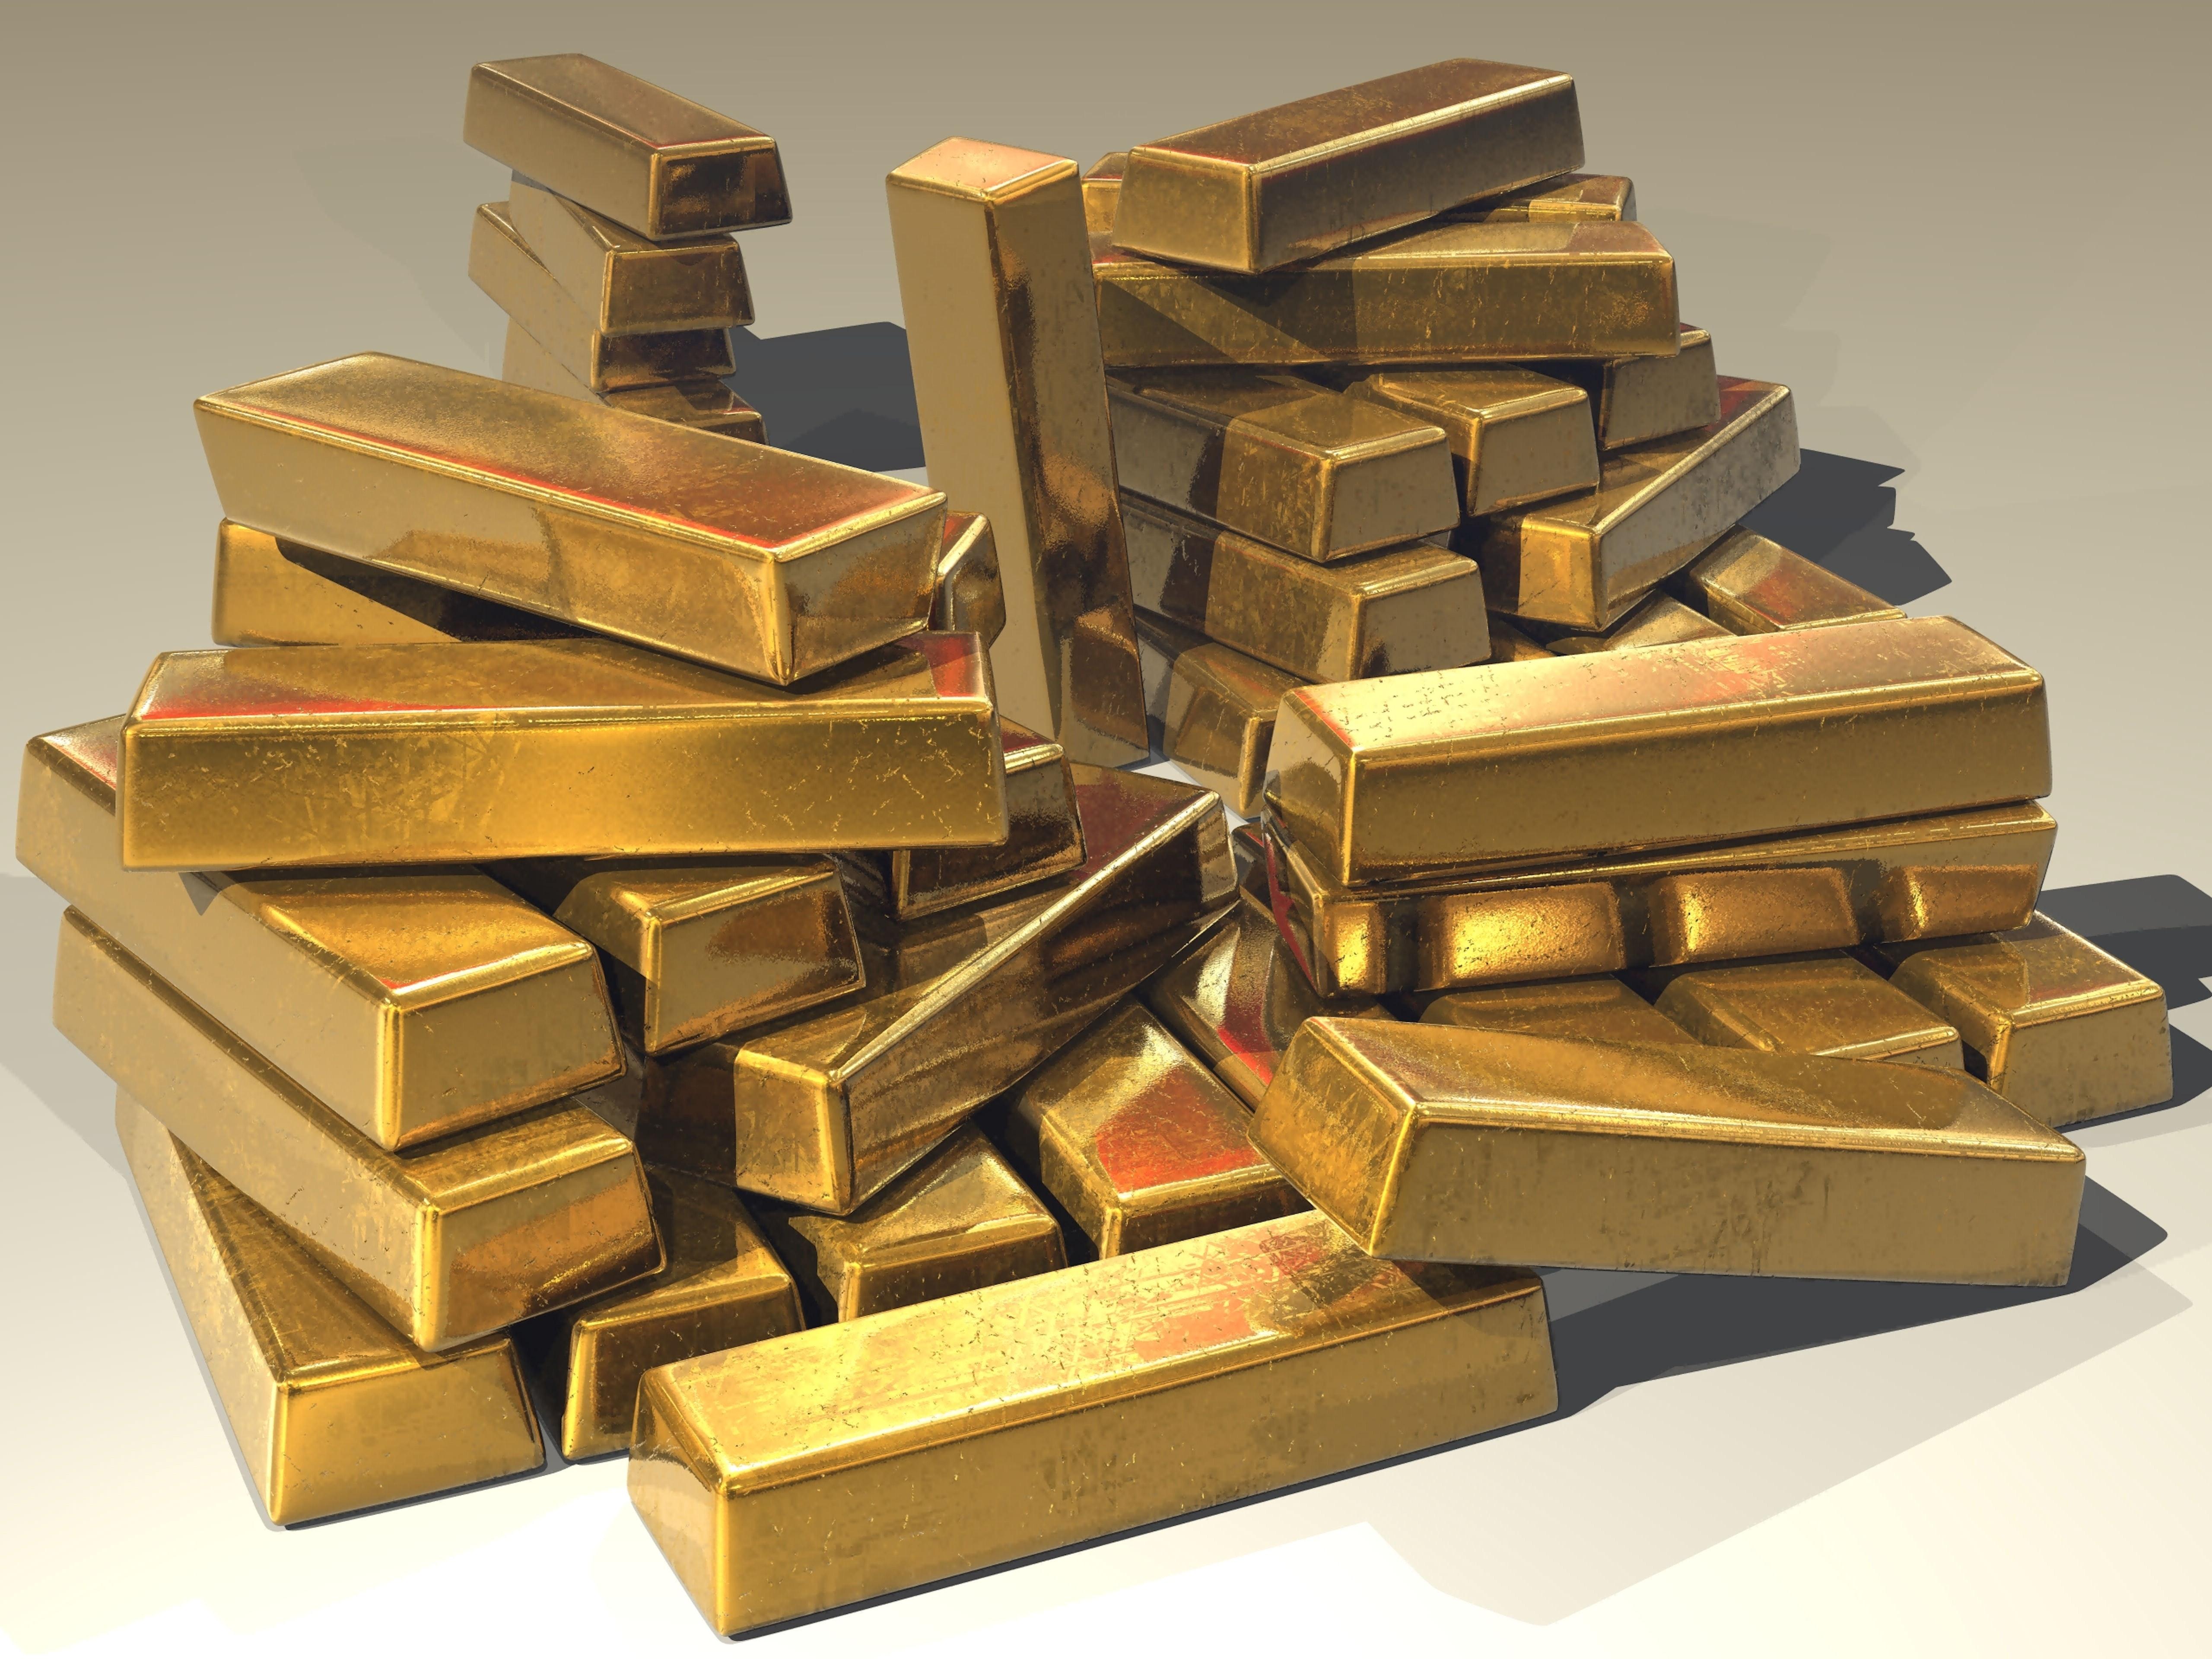 Stacks of gold bars and Gold Bullion in Hong Kong